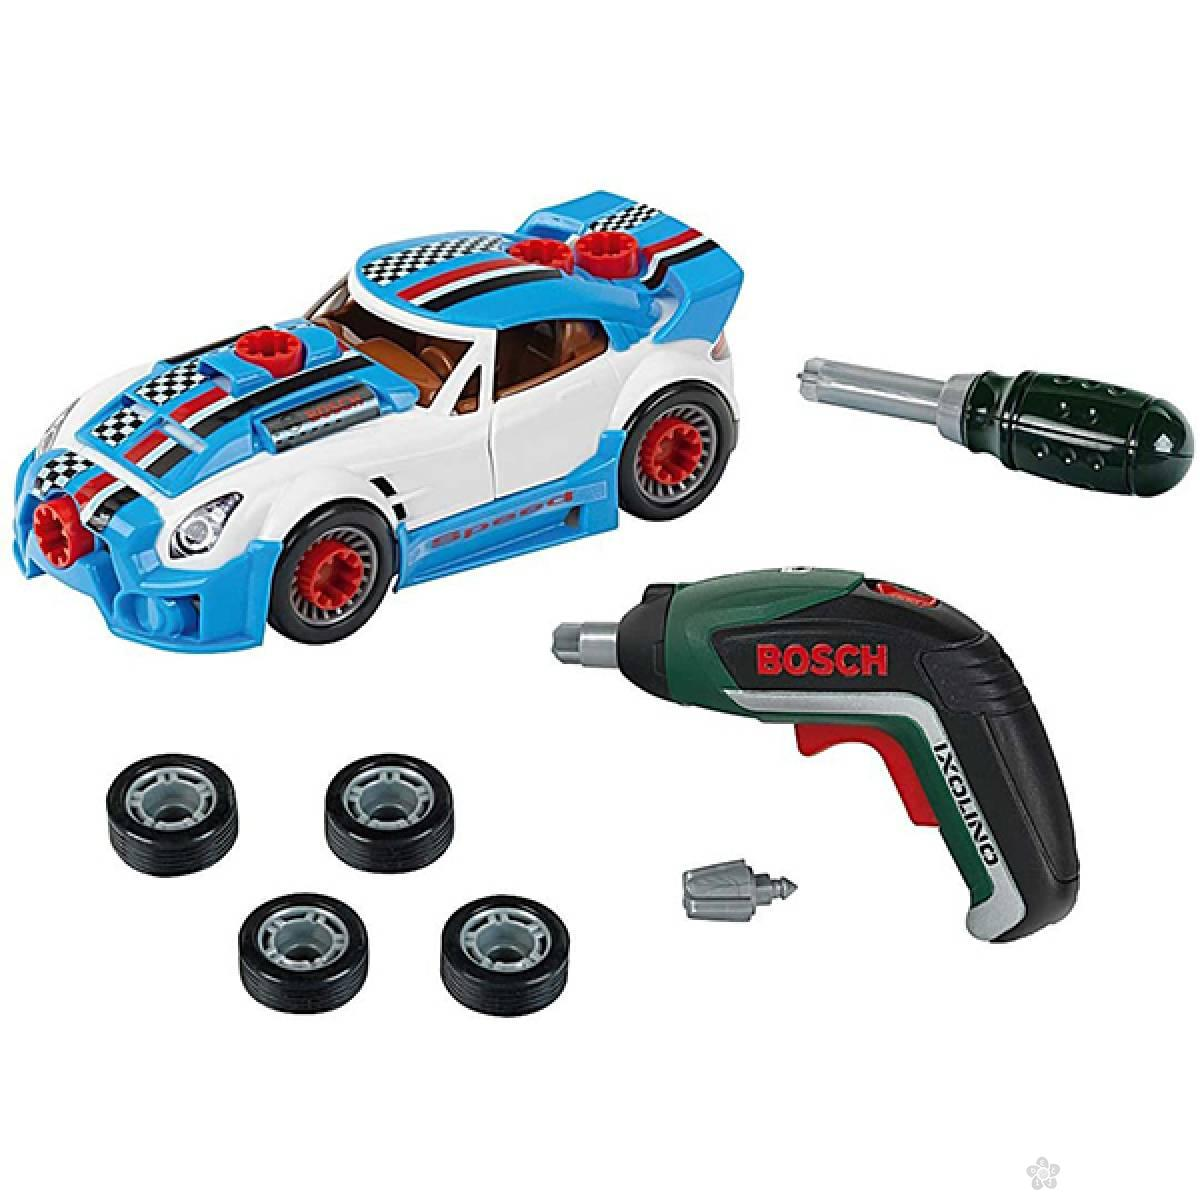 Bosch automobilski set Klein KL8630